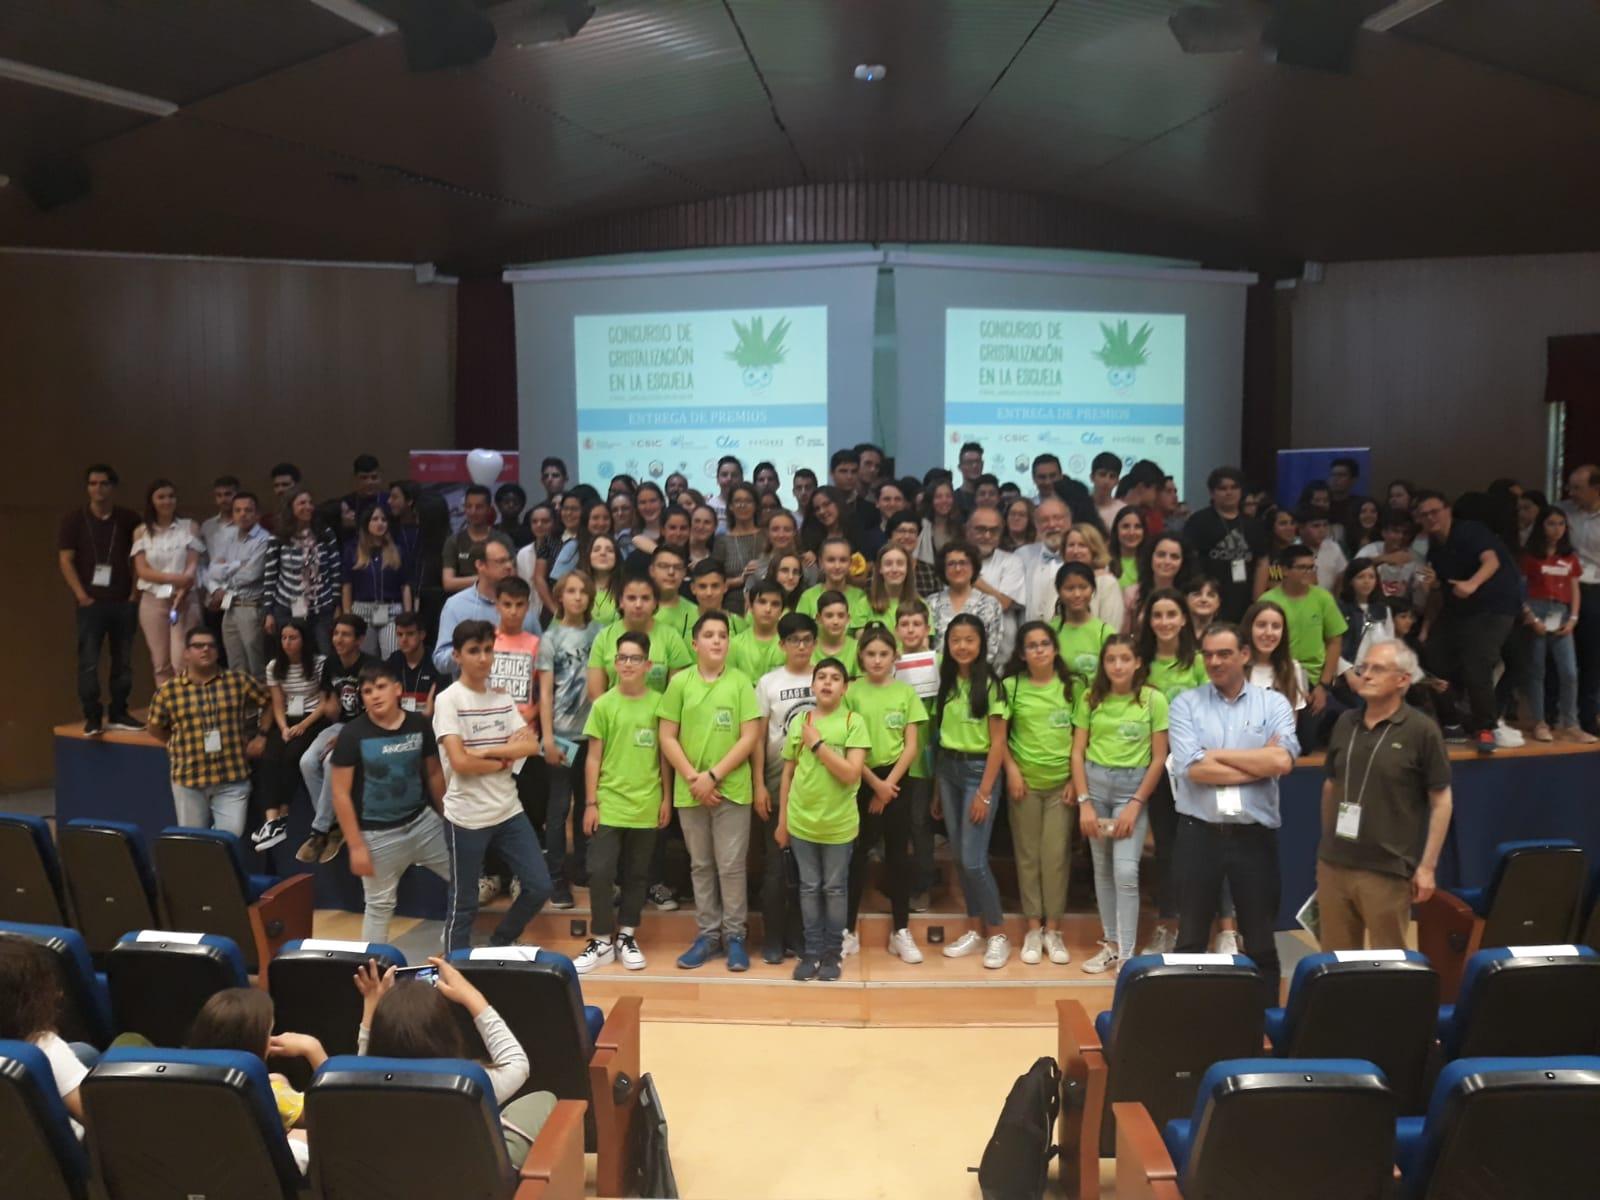 La final del Concurso de Cristalización en la Escuela de Andalucía reúne en Granada los trabajos de los 20 mejores equipos compuestos por casi un centenar de estudiantes